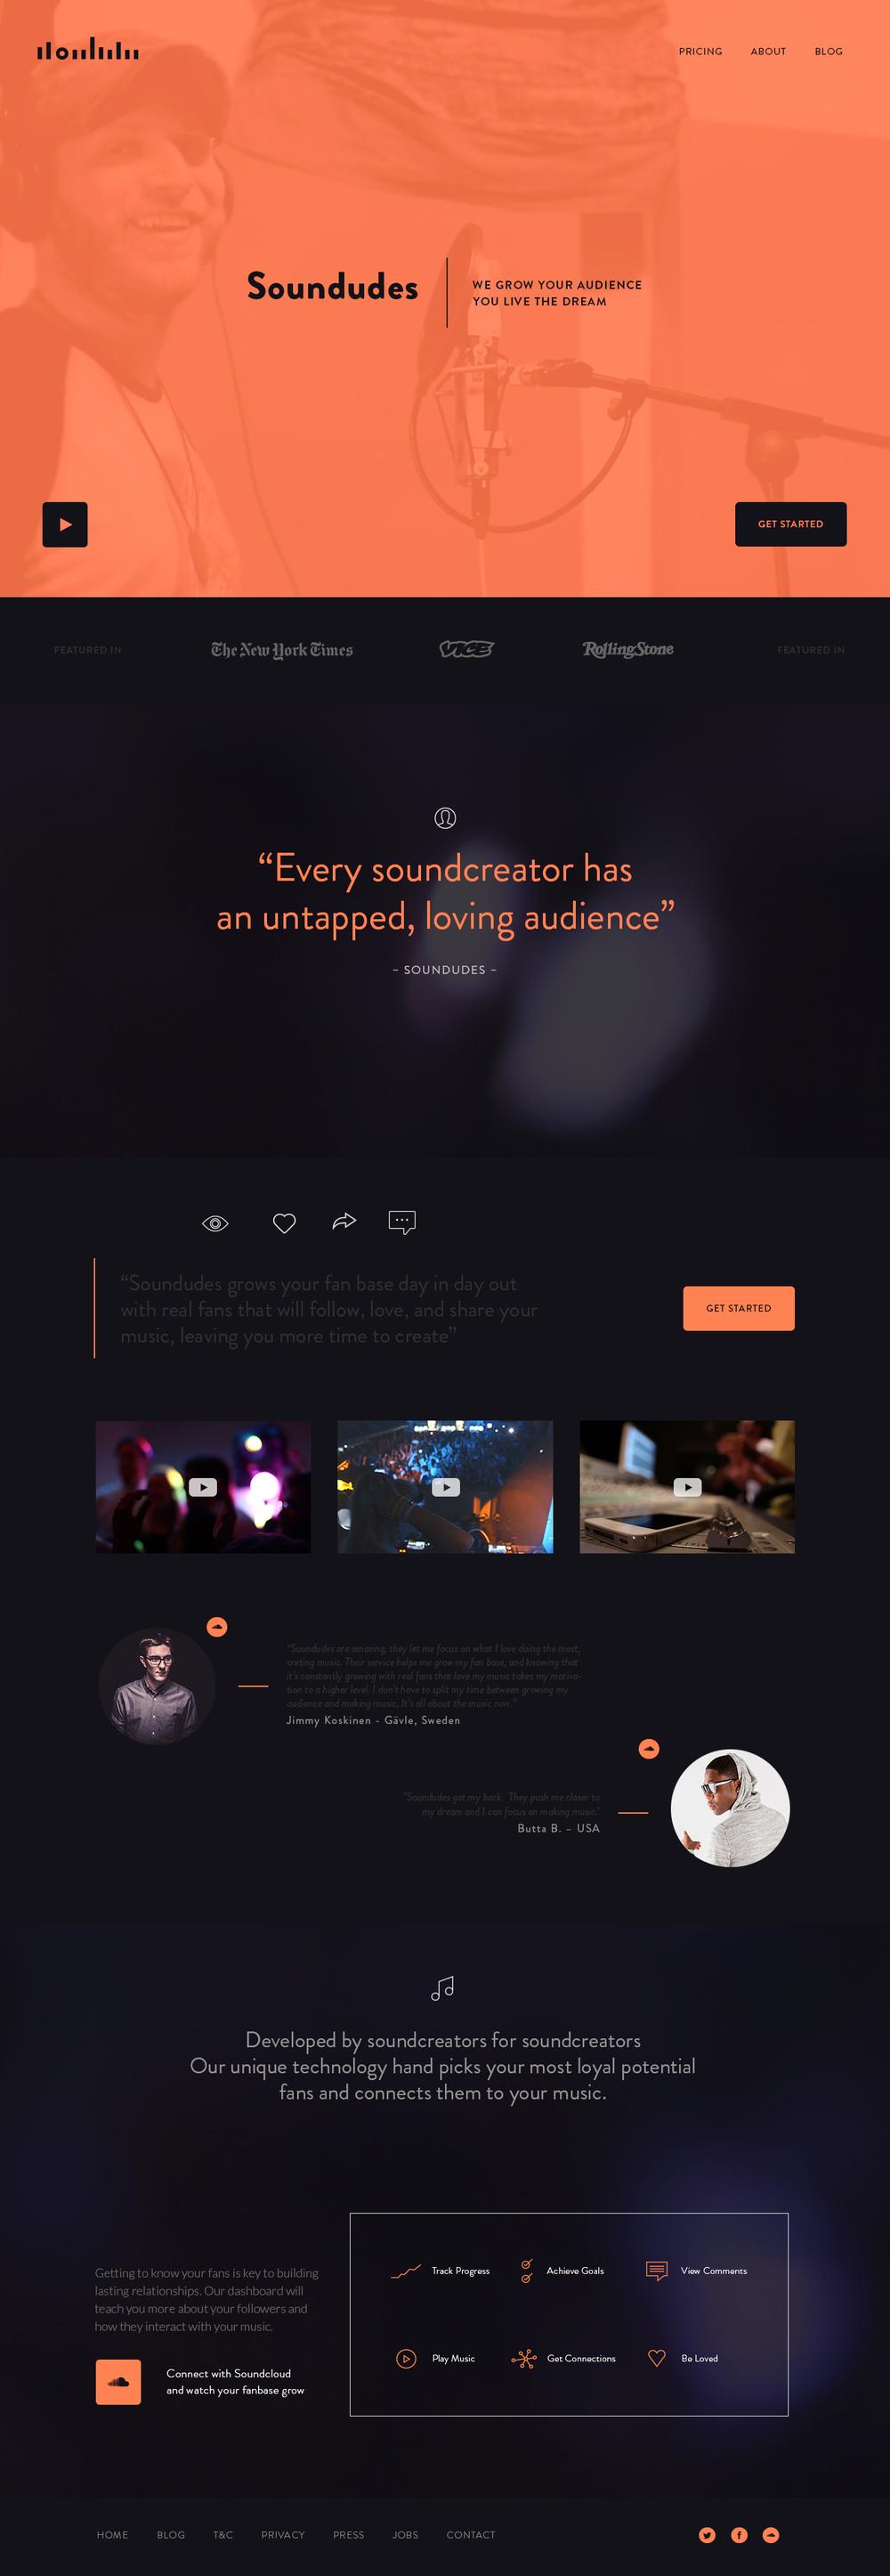 Soundudes – App Launch